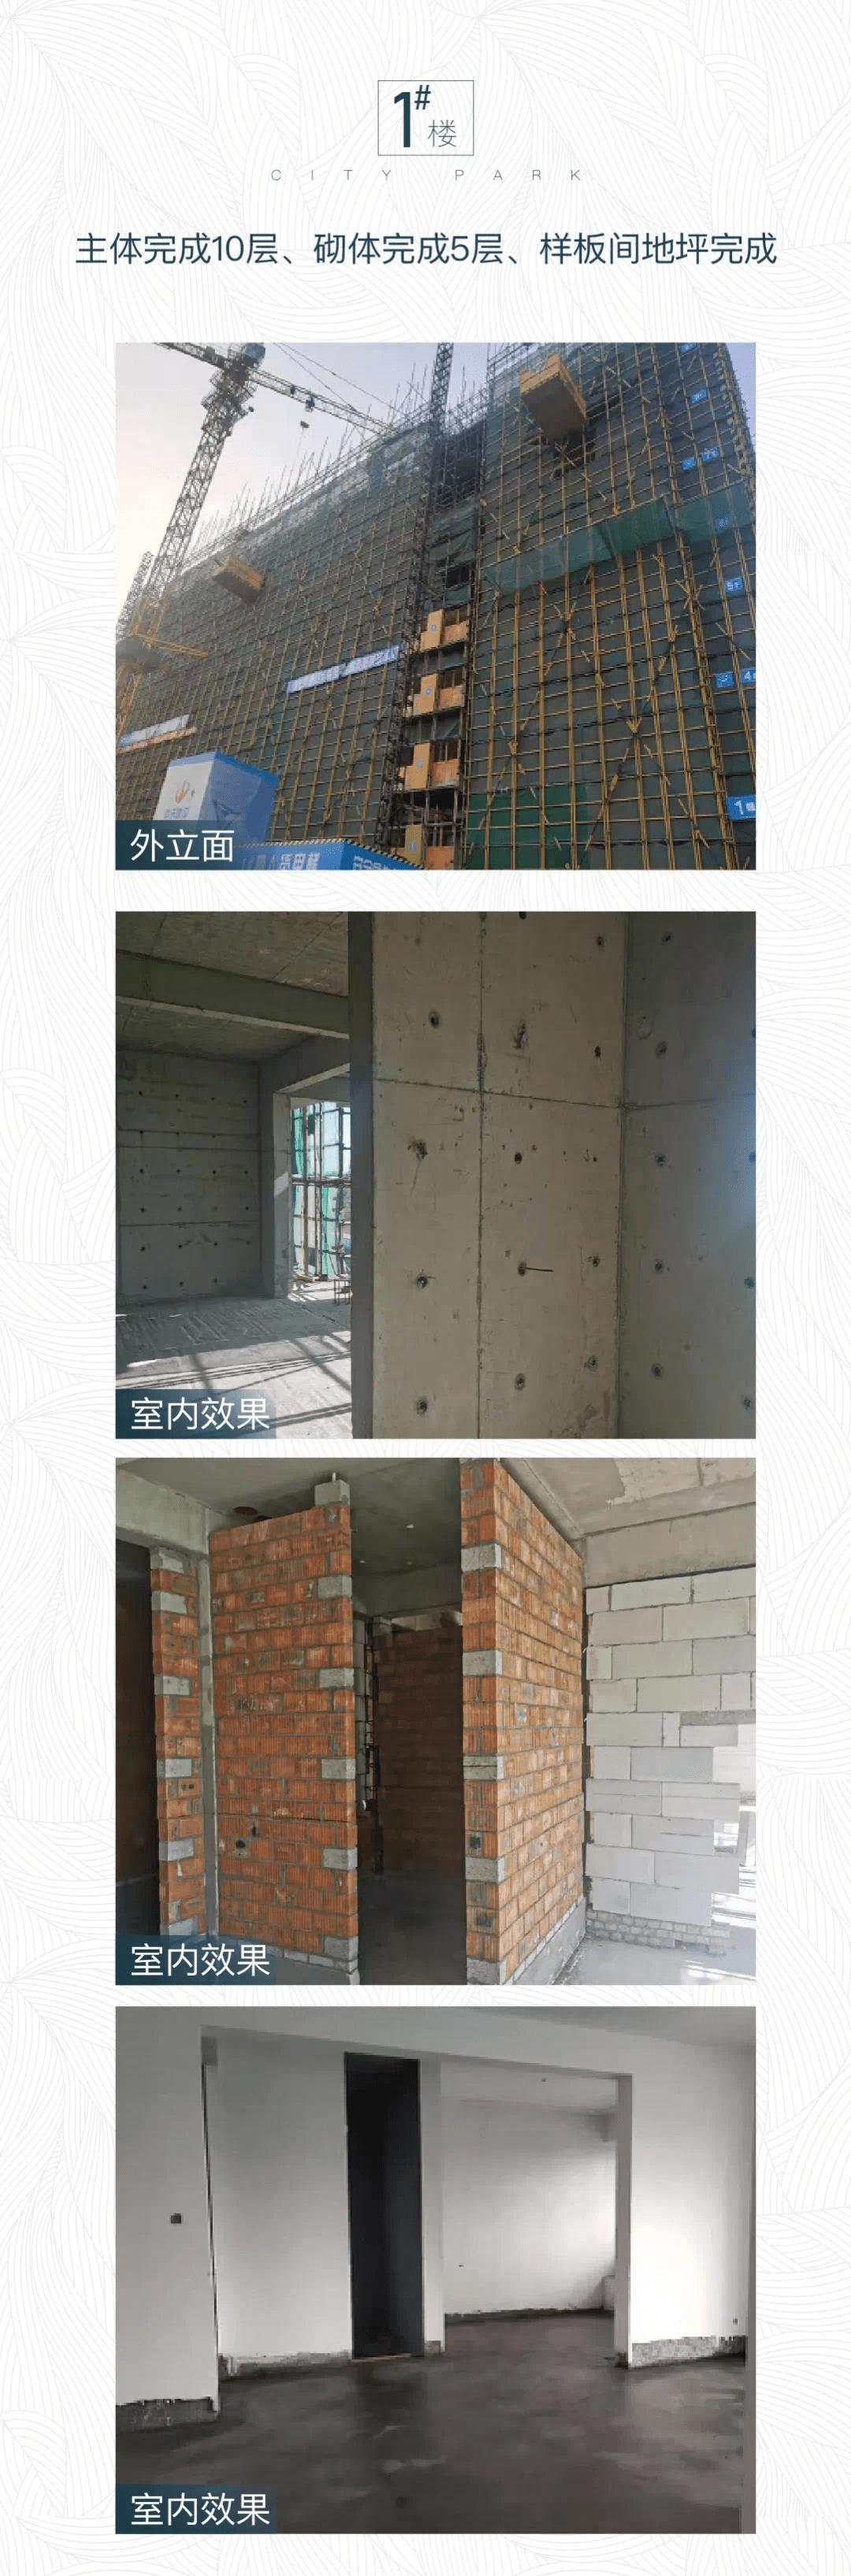 一砖一瓦皆为家音丨龙湖坤和春江华庭12月工程进展